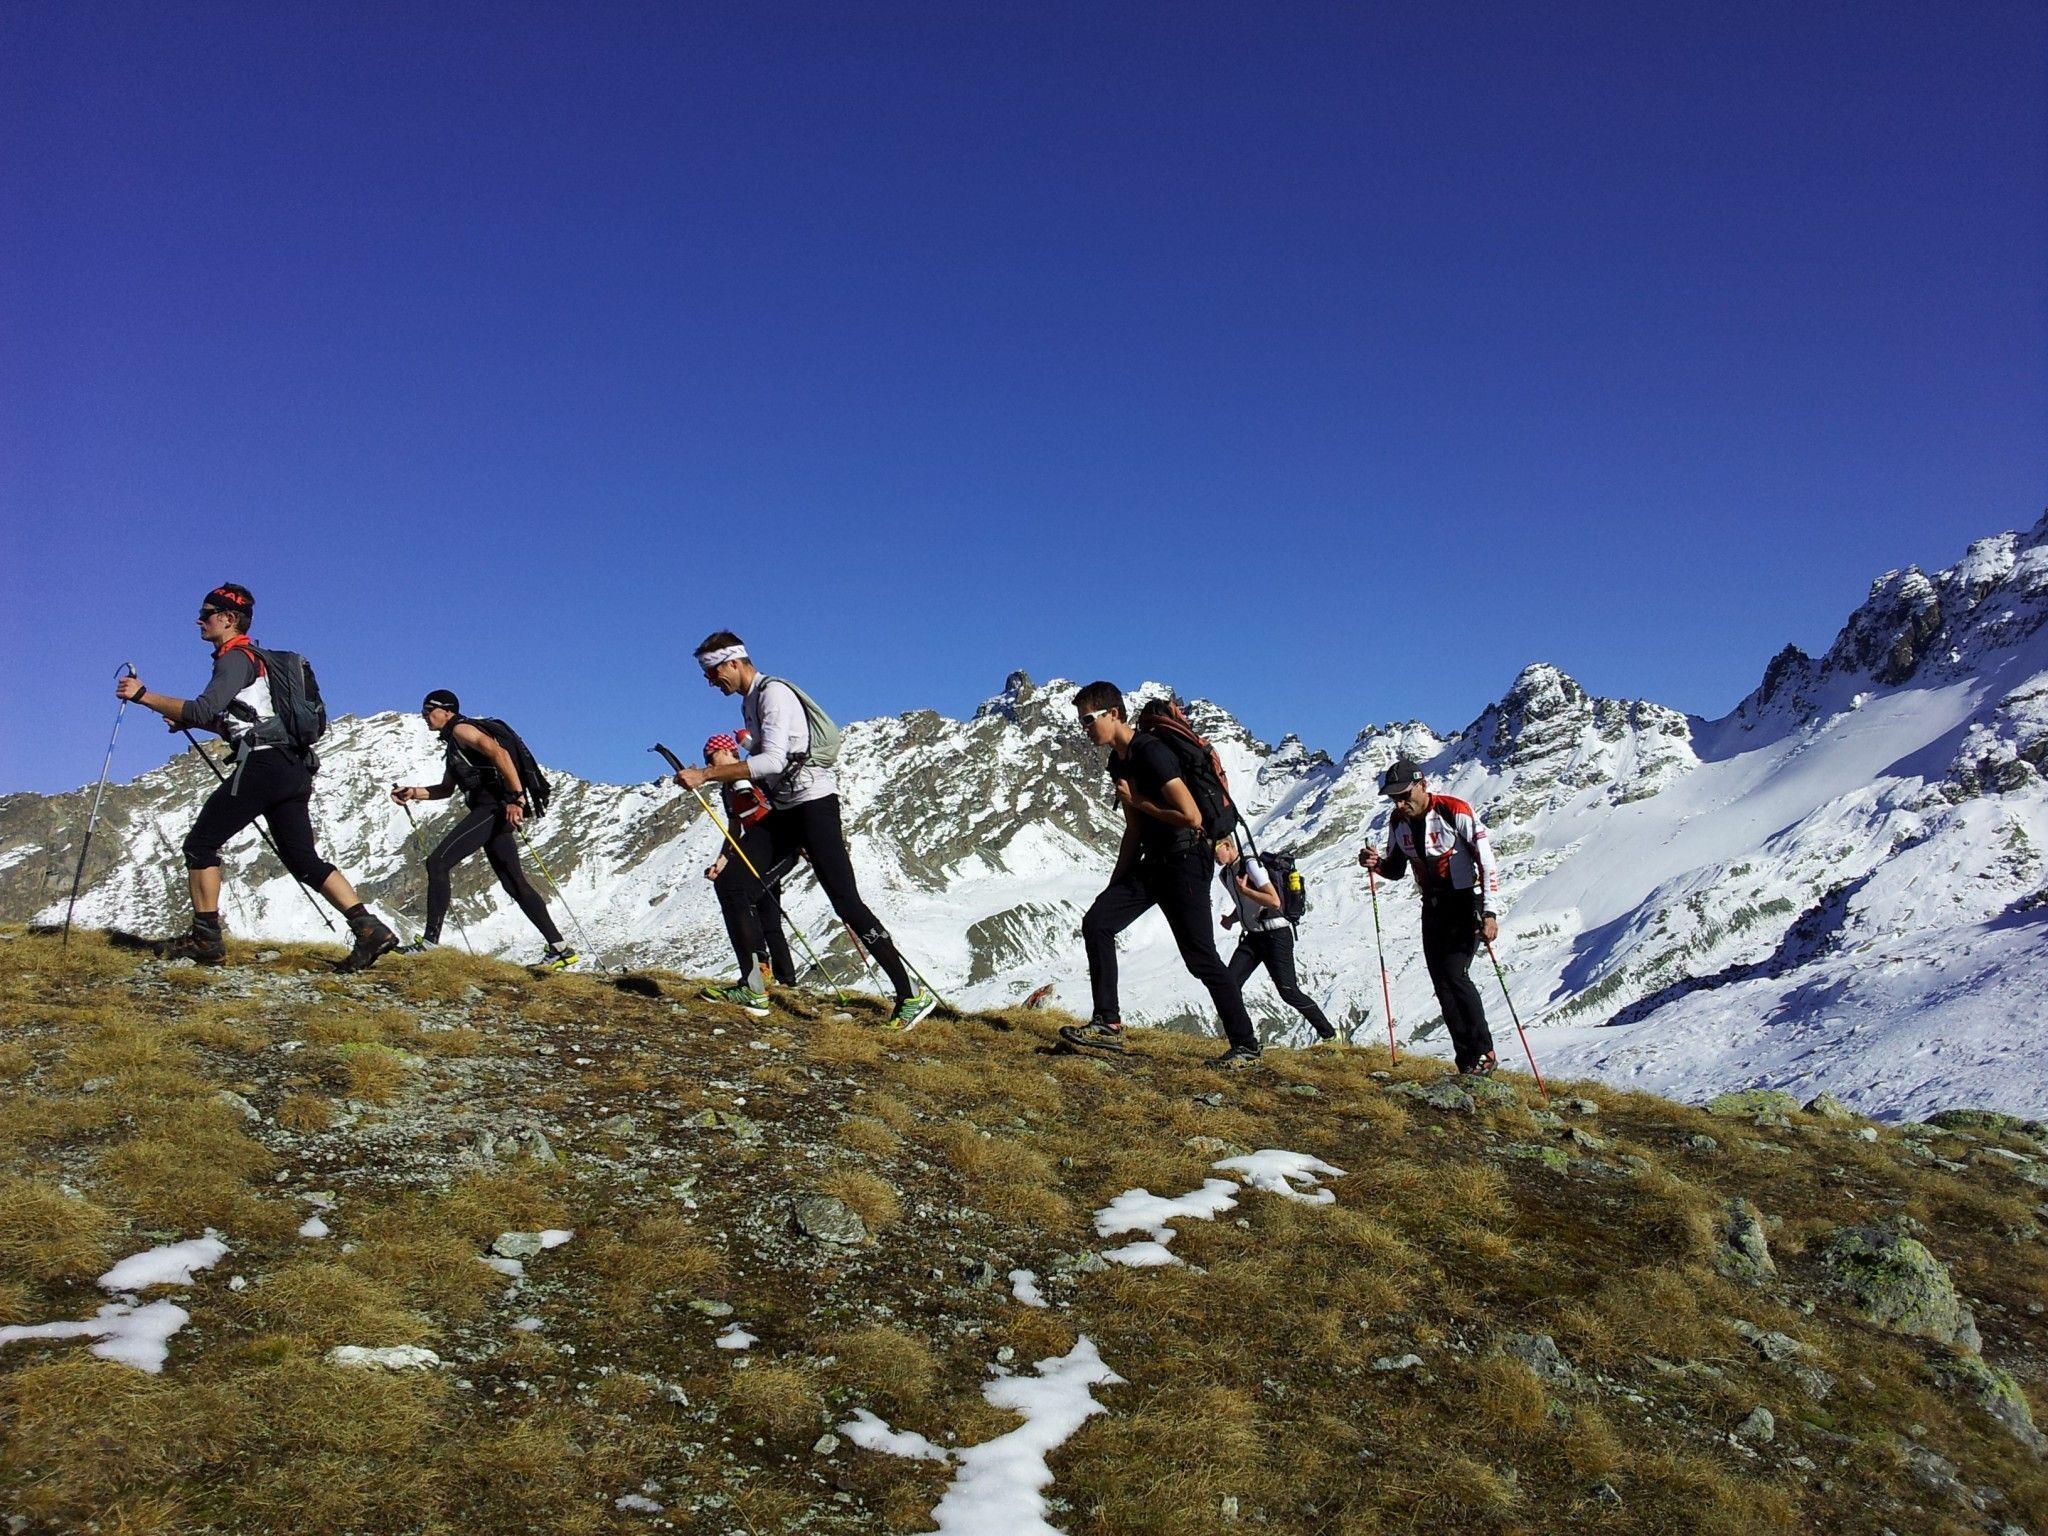 Das Skibergsteigen erlebt in Vorarlberg einen noch nie dagewesenen Boom.